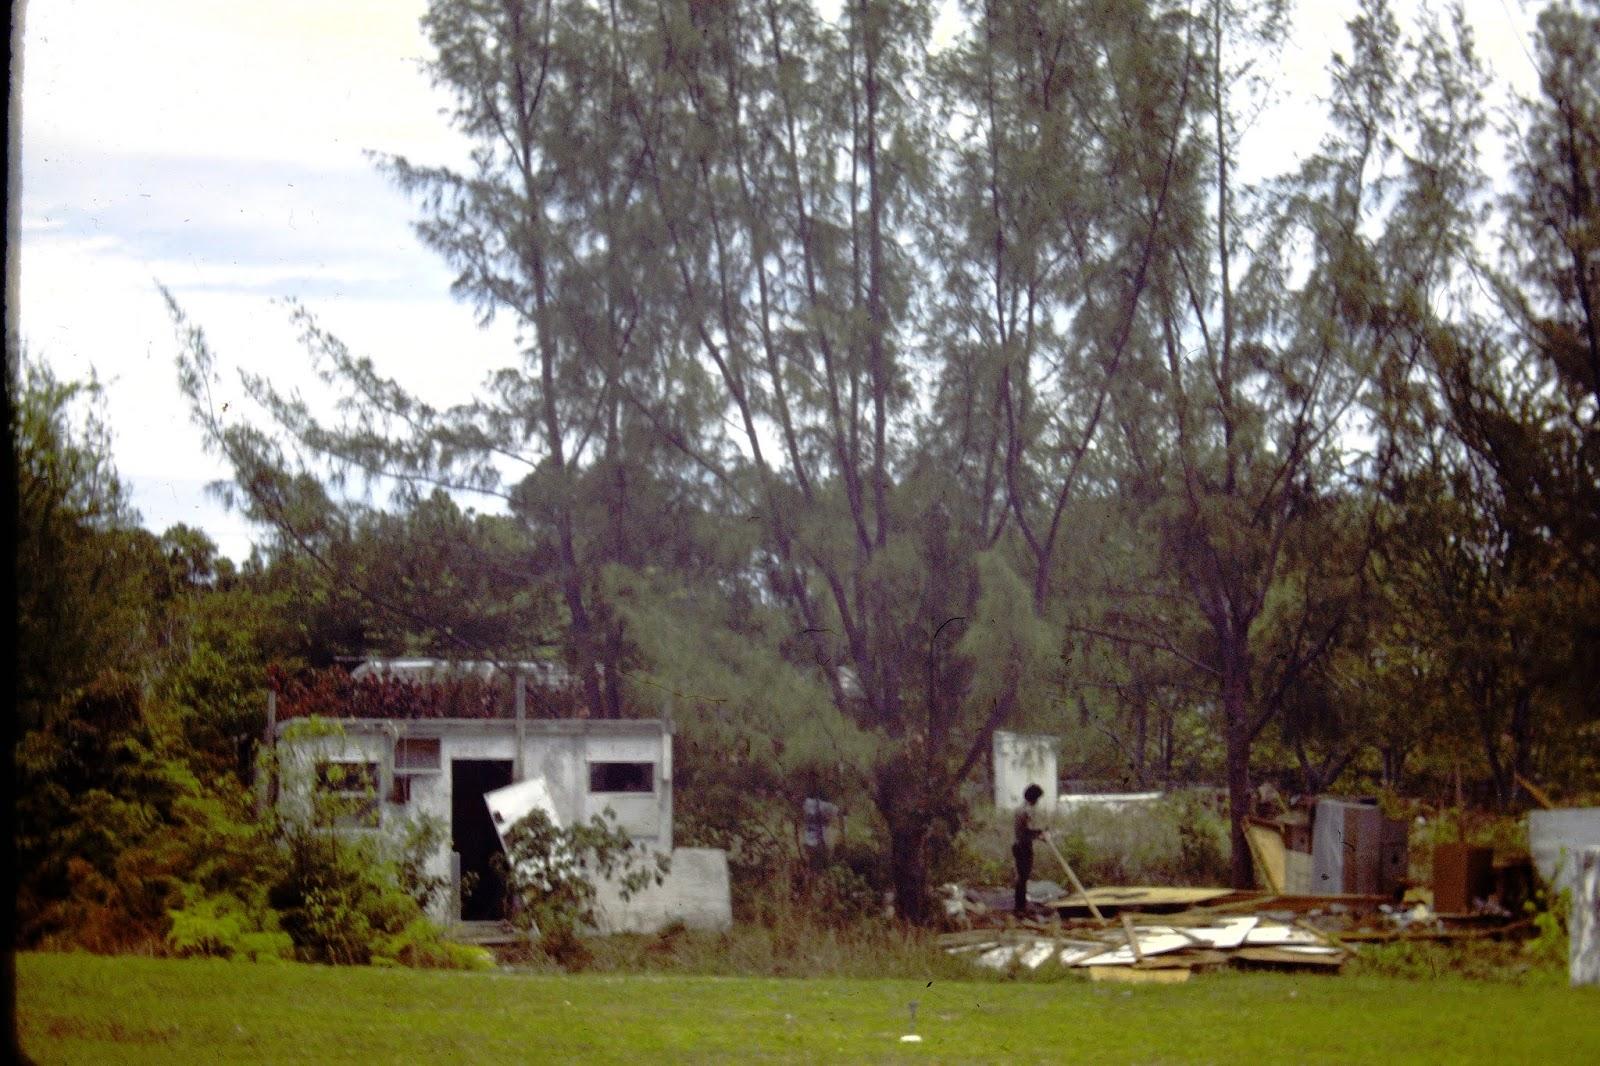 Cabin - July 1977